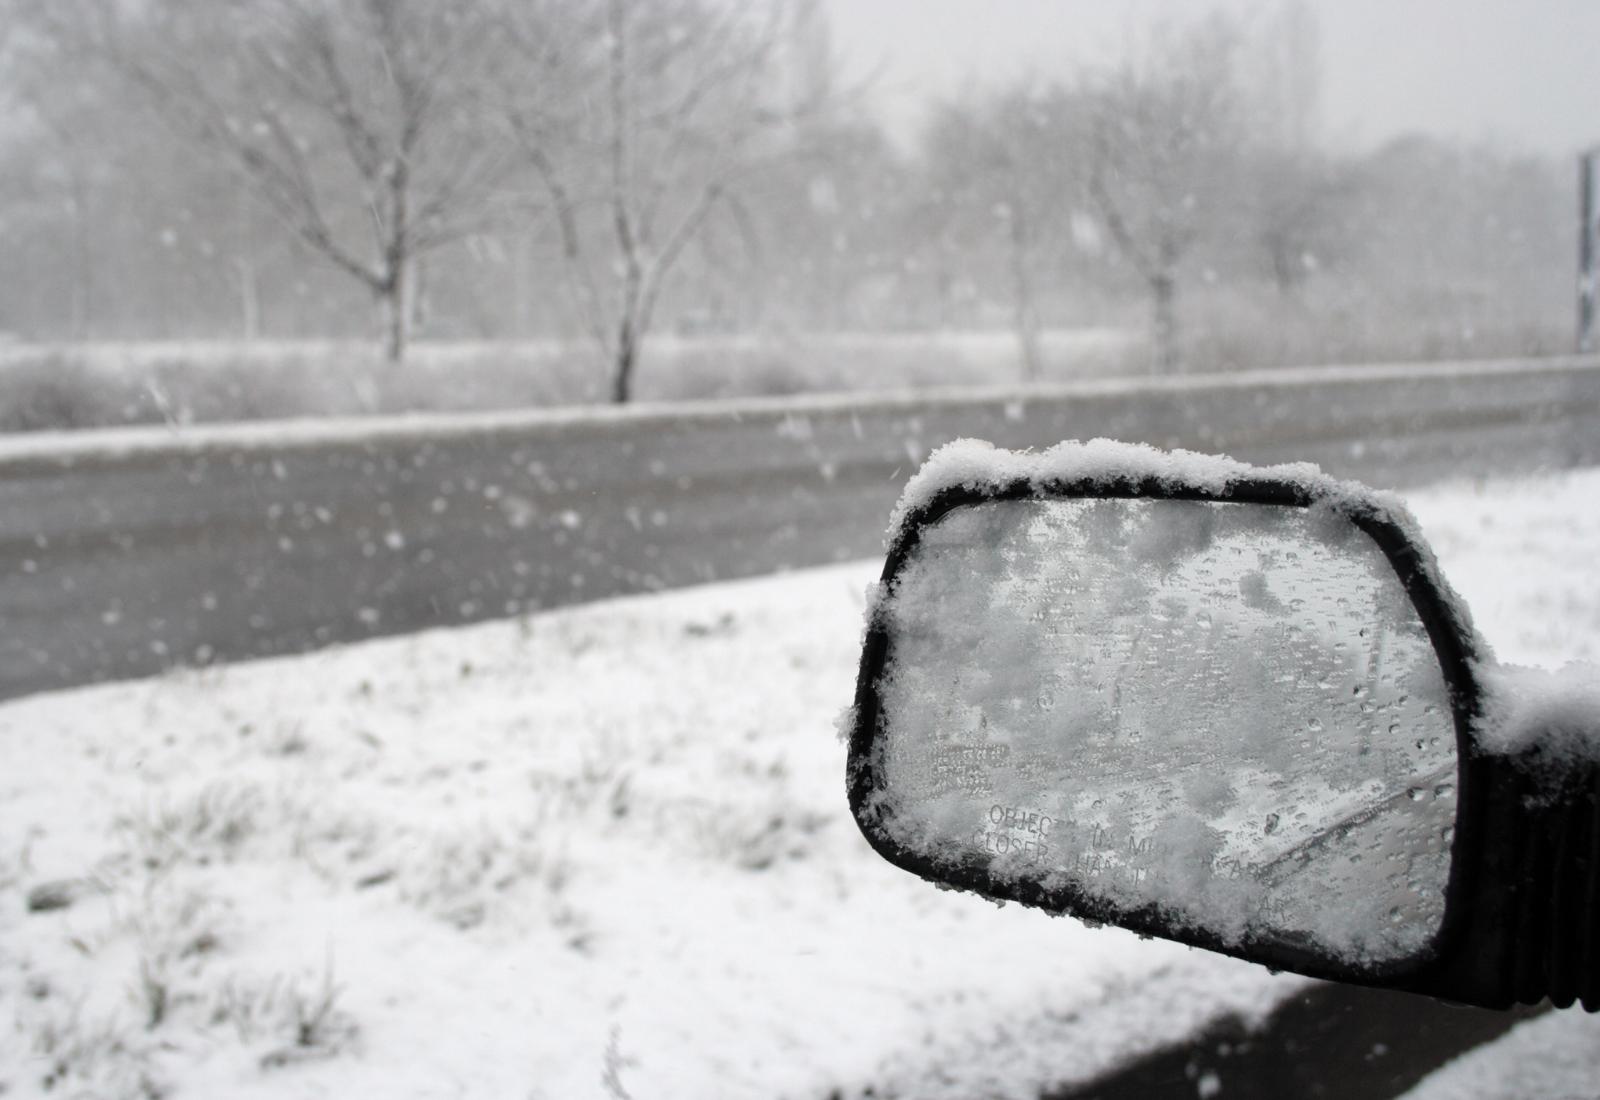 Previdno, zimske razmere se nadaljujejo